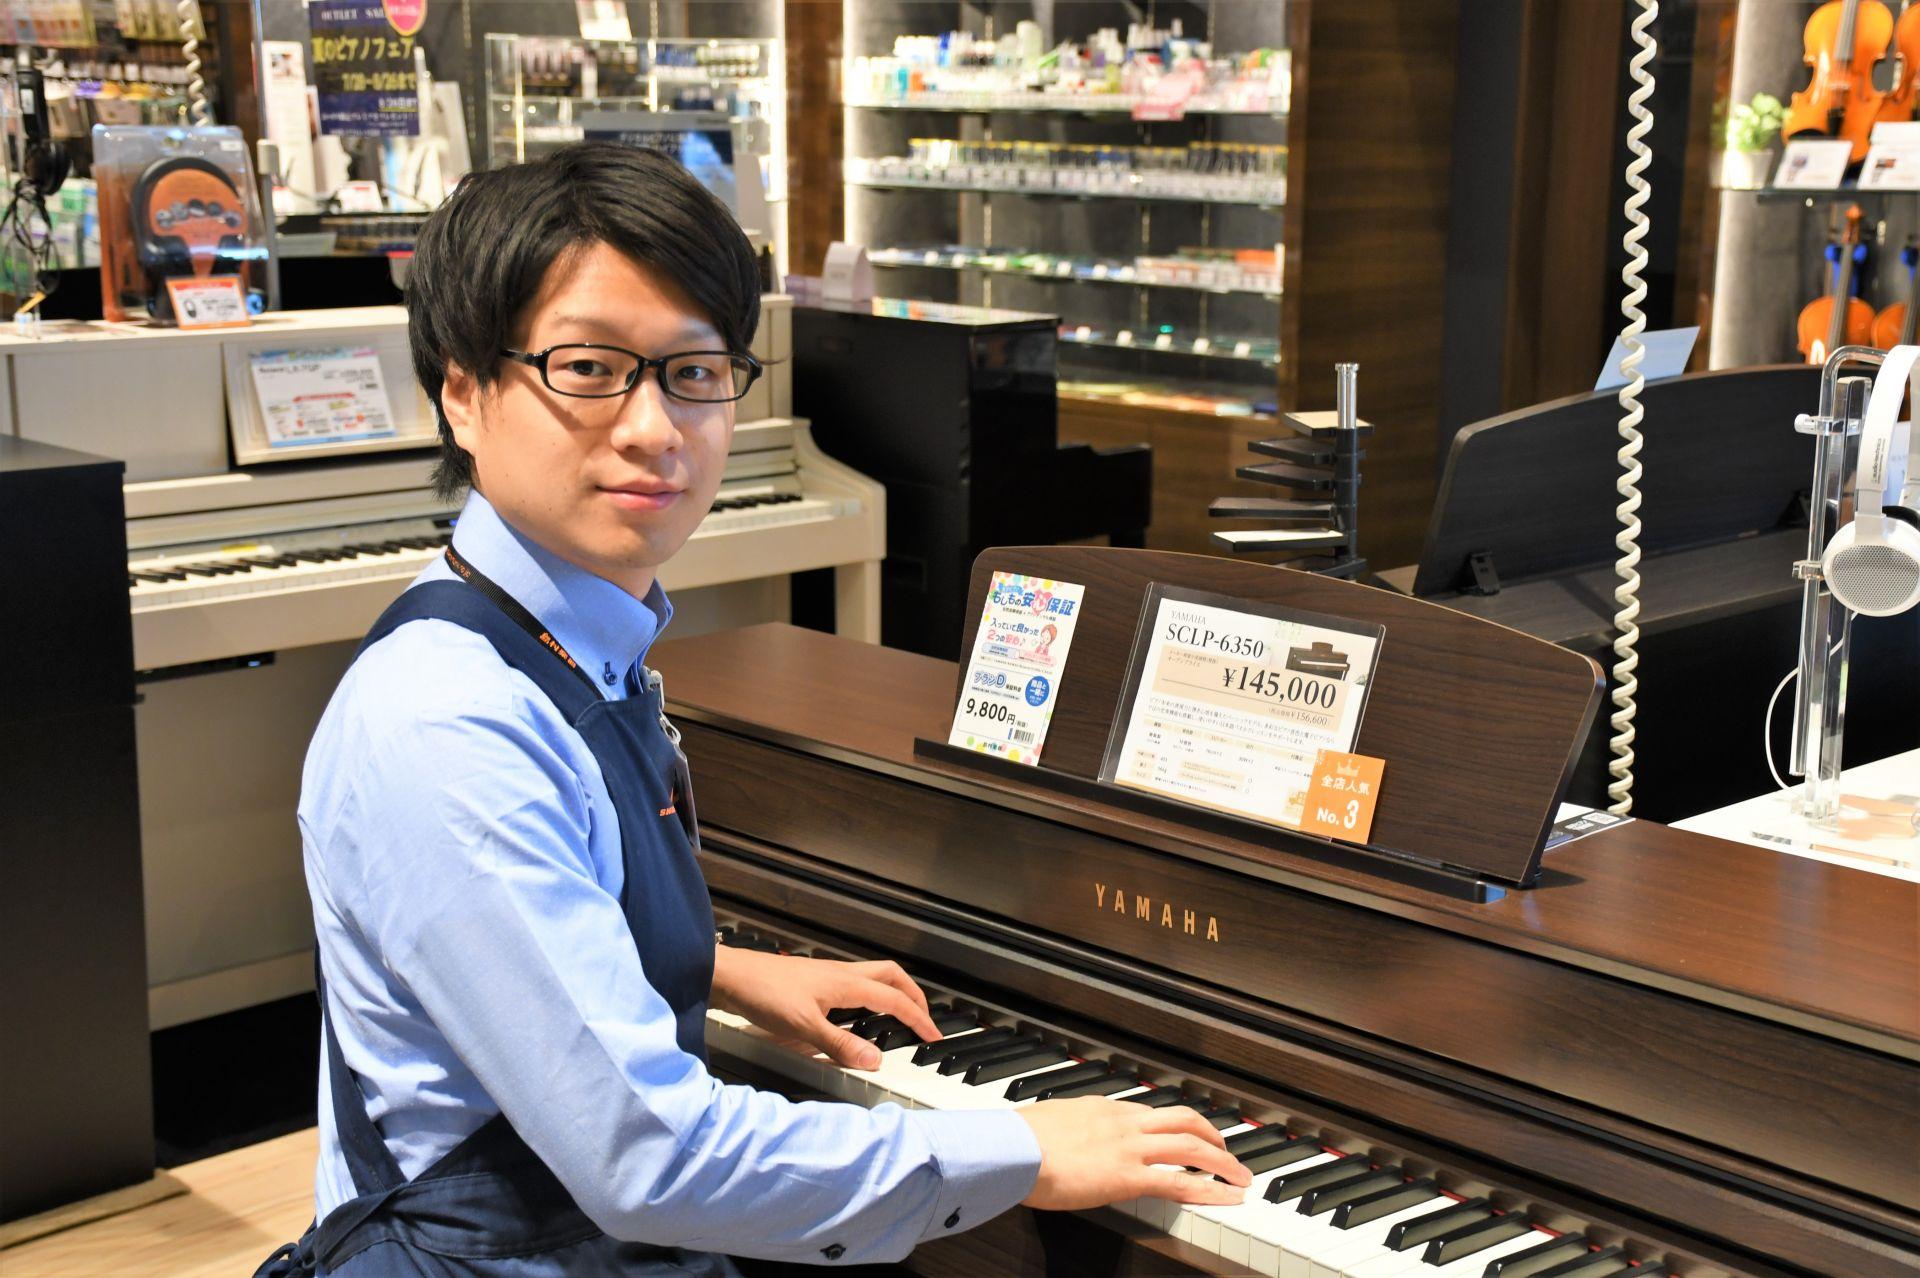 島村楽器 アウトレット広島店 電子ピアノ担当 ピアノ担当 グランドピアノ担当 大下